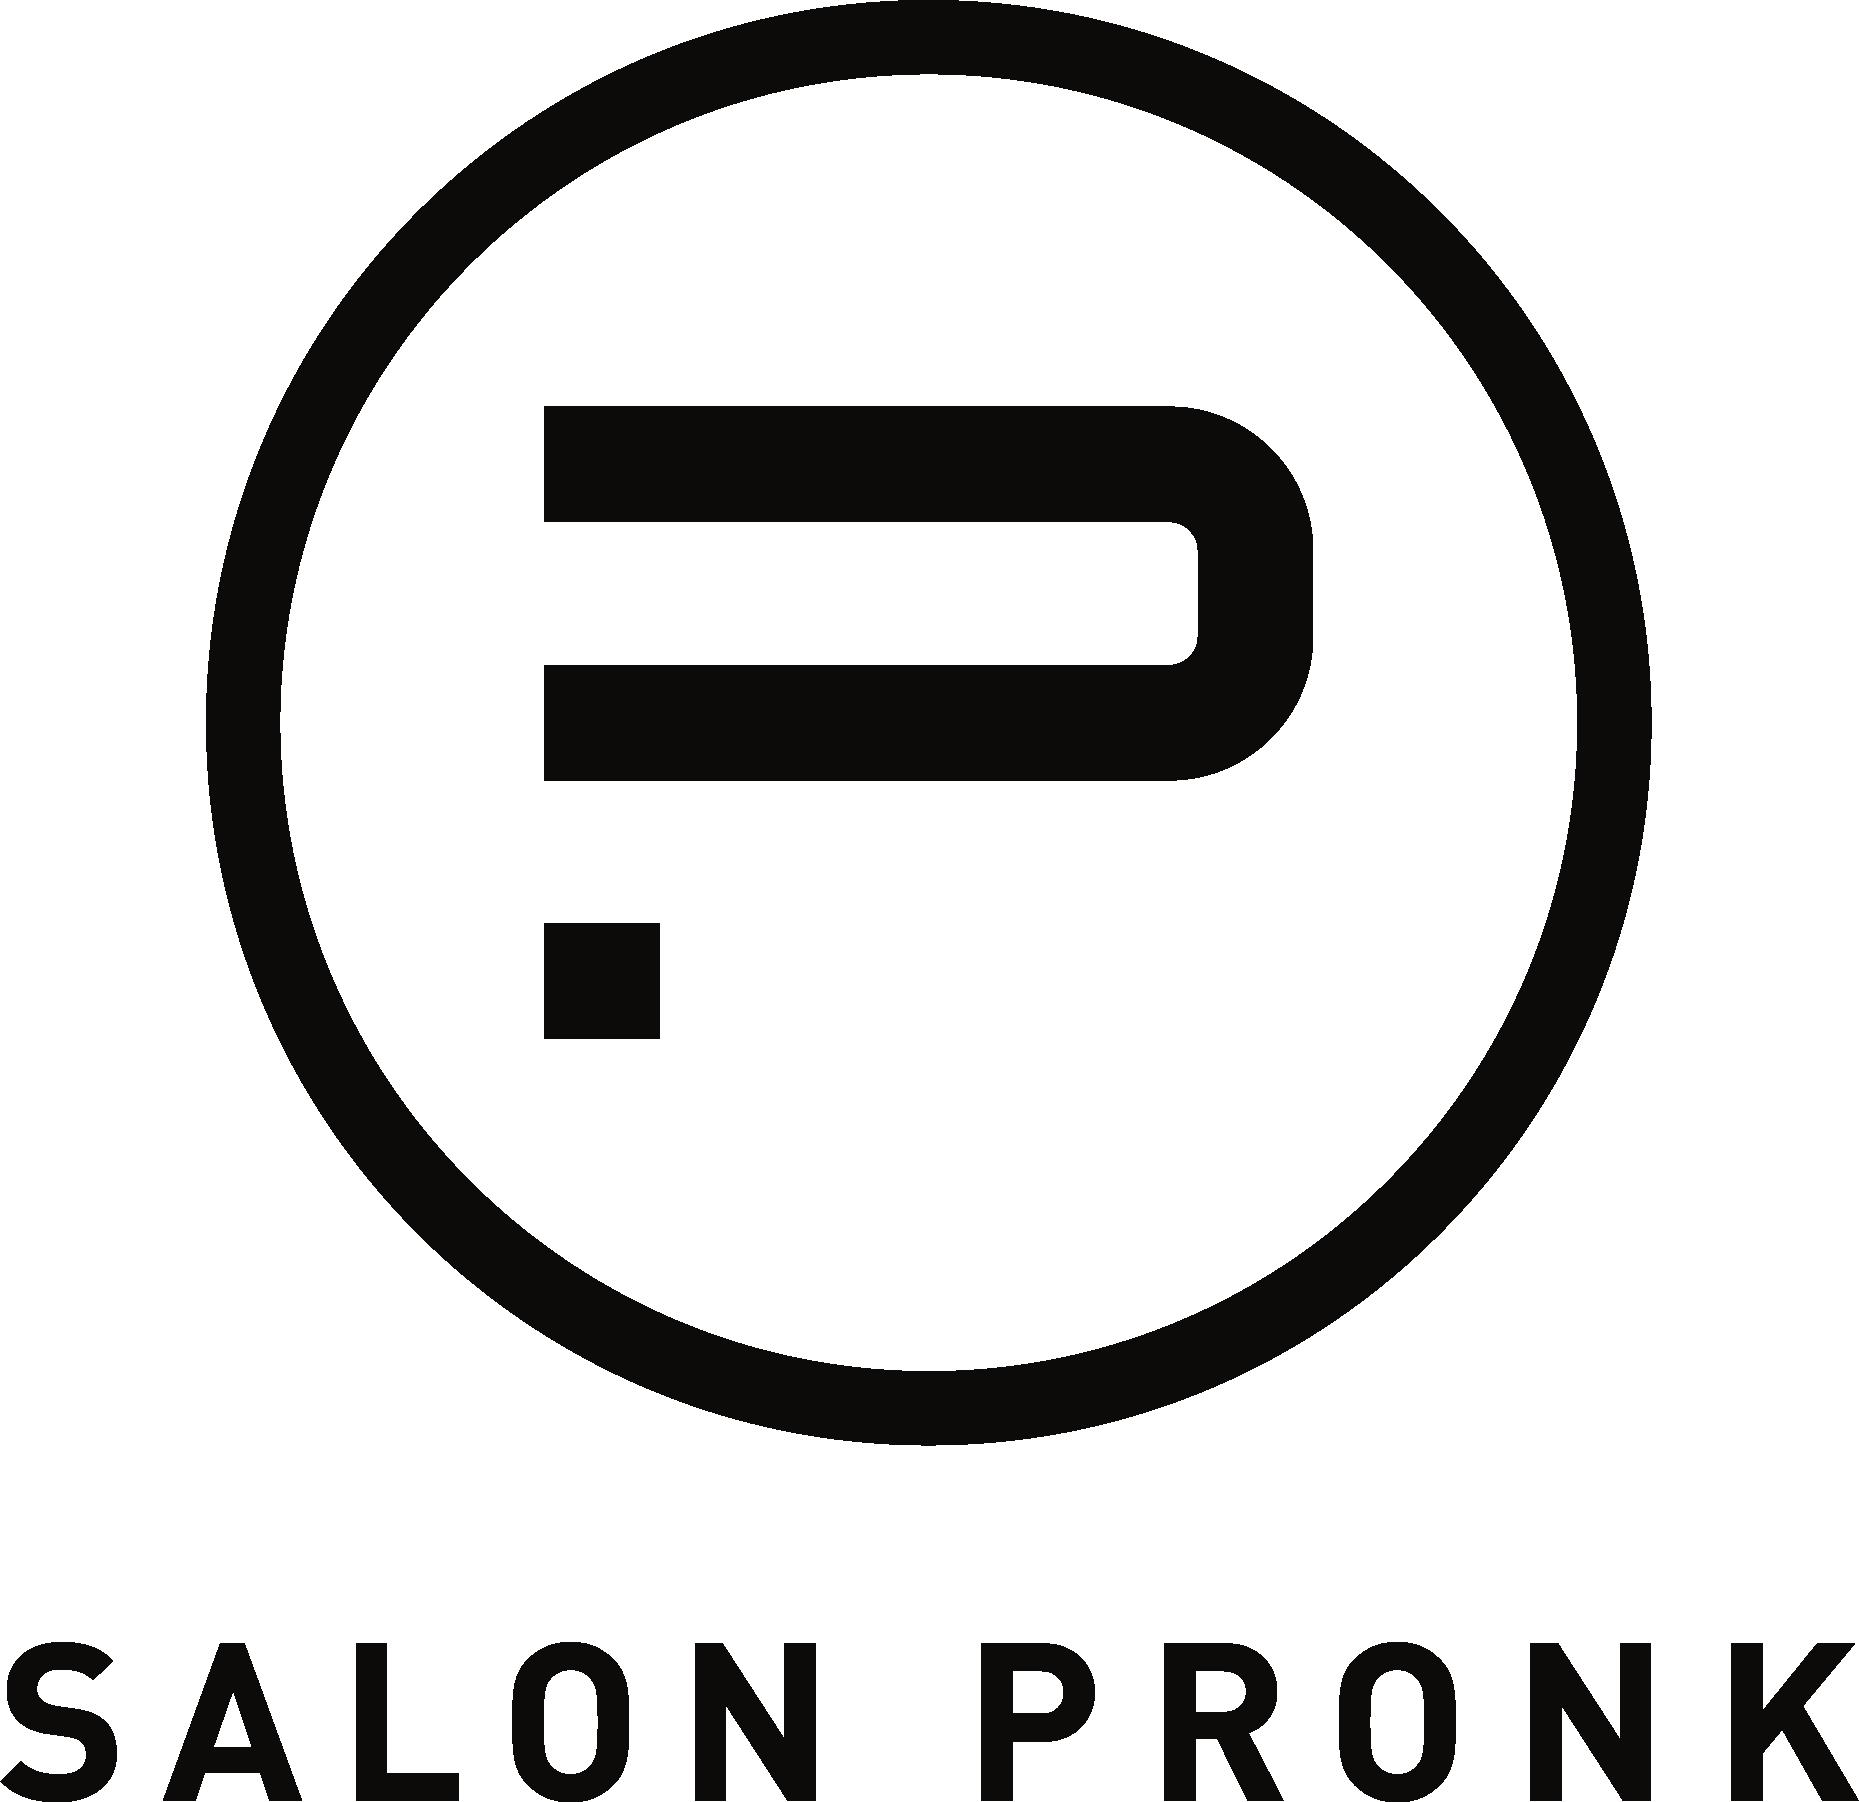 Salon Pronk